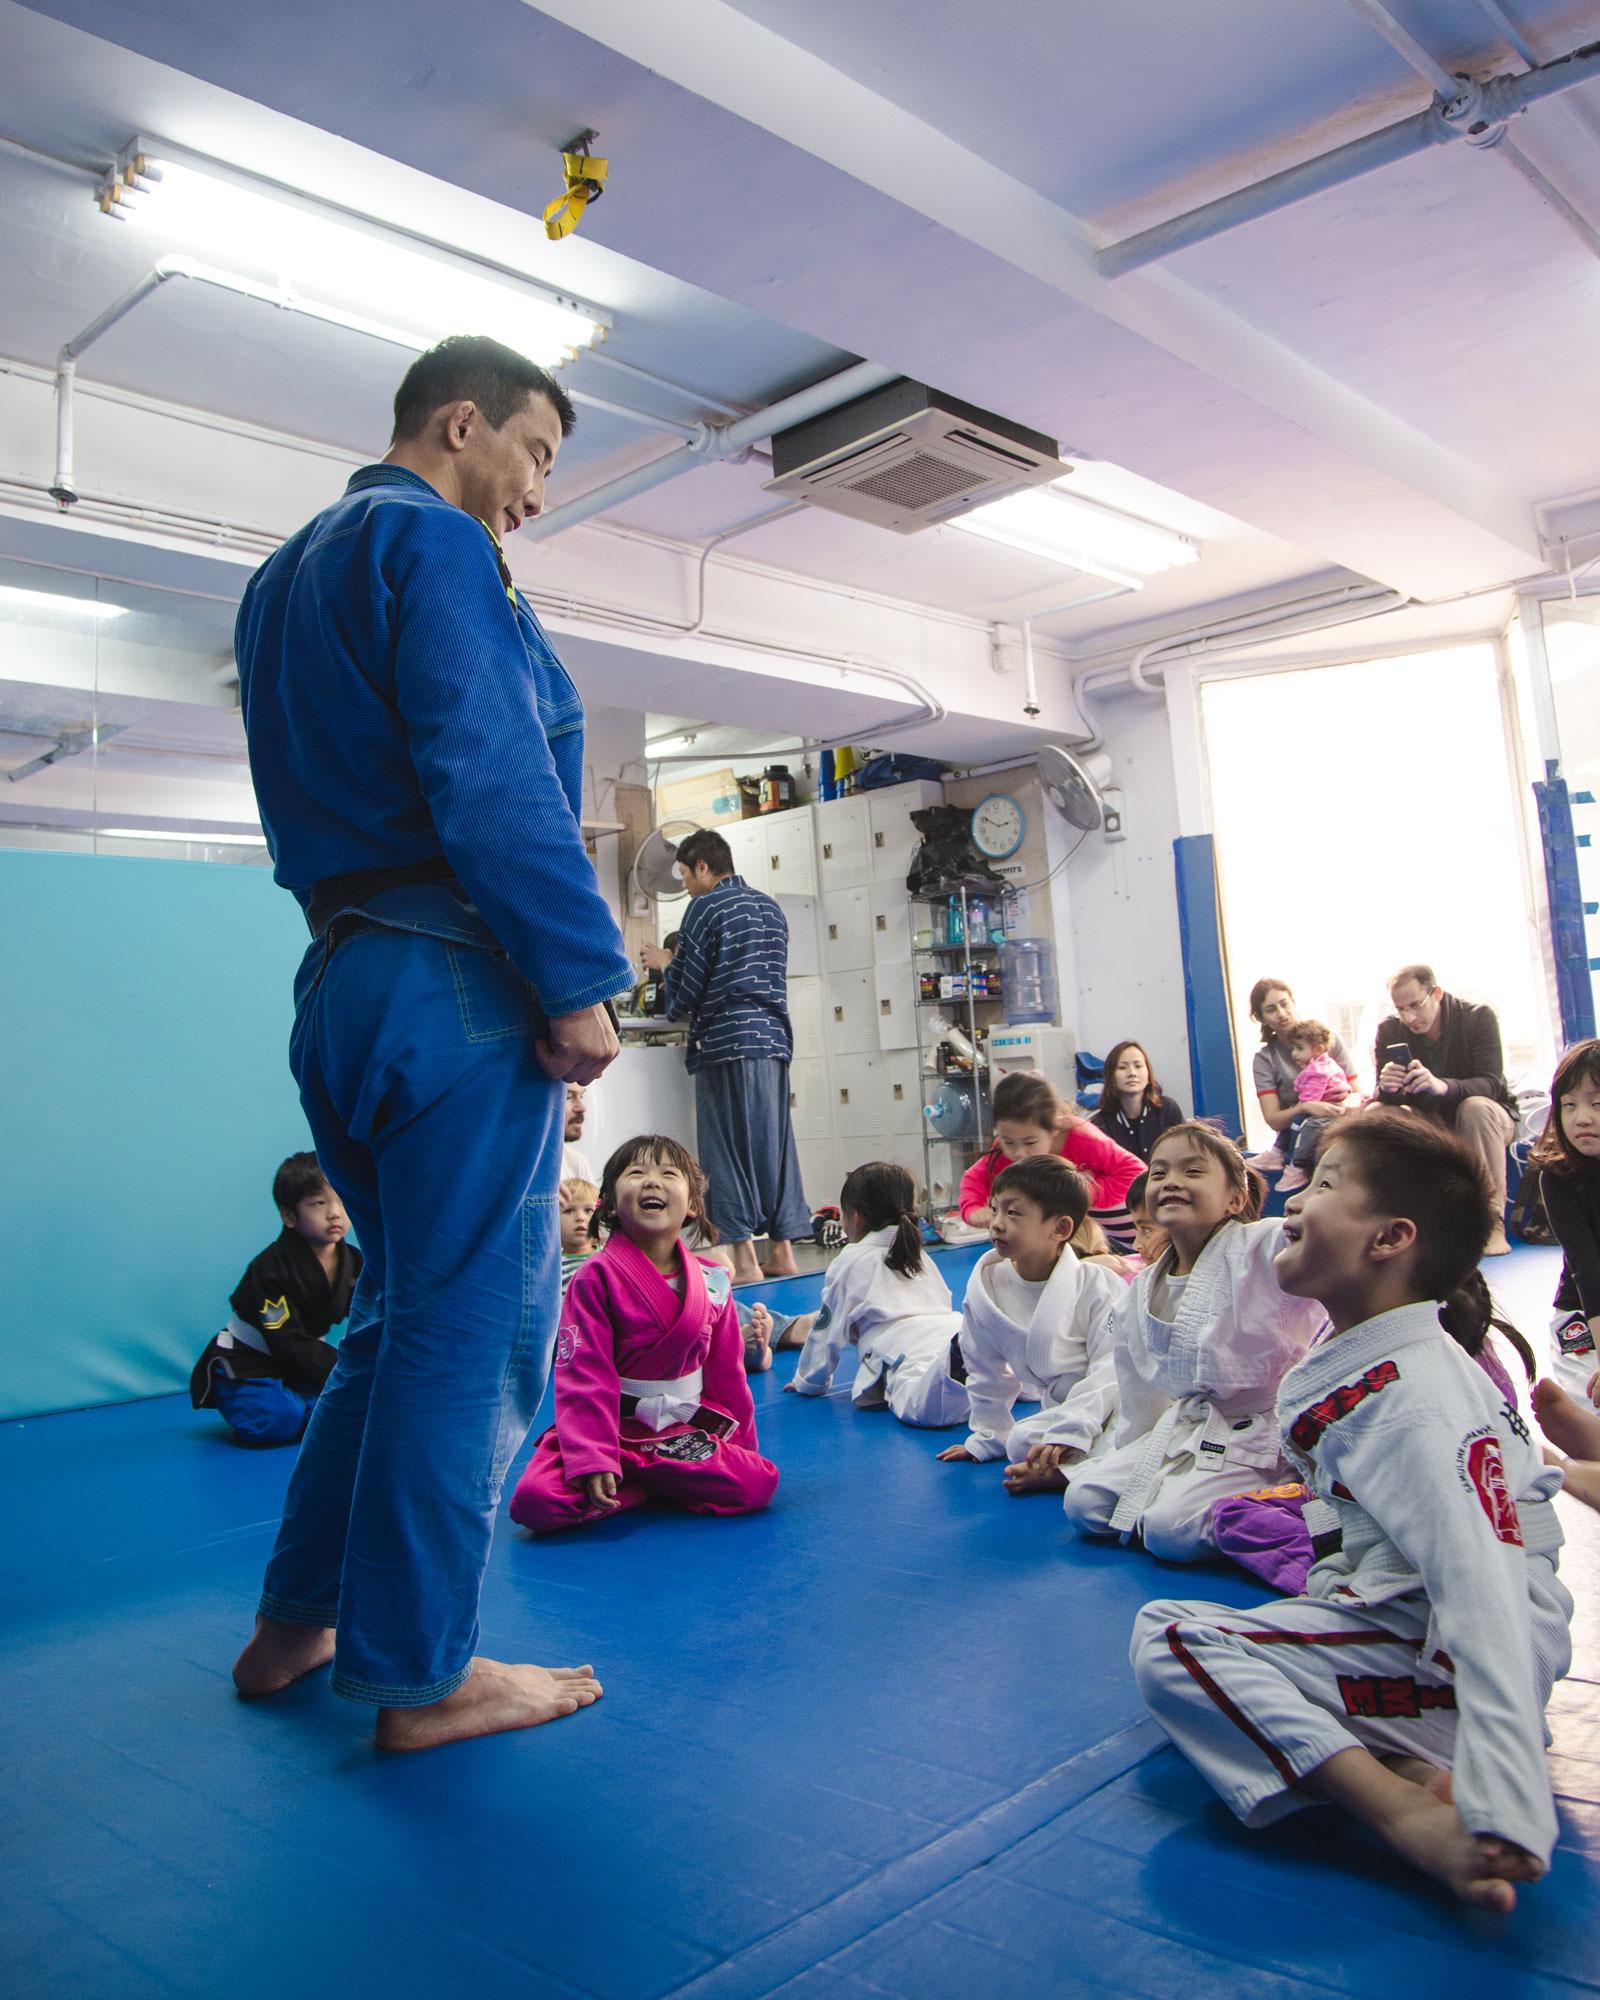 Kowloon Kids Jiu Jitsu - Hong Kong